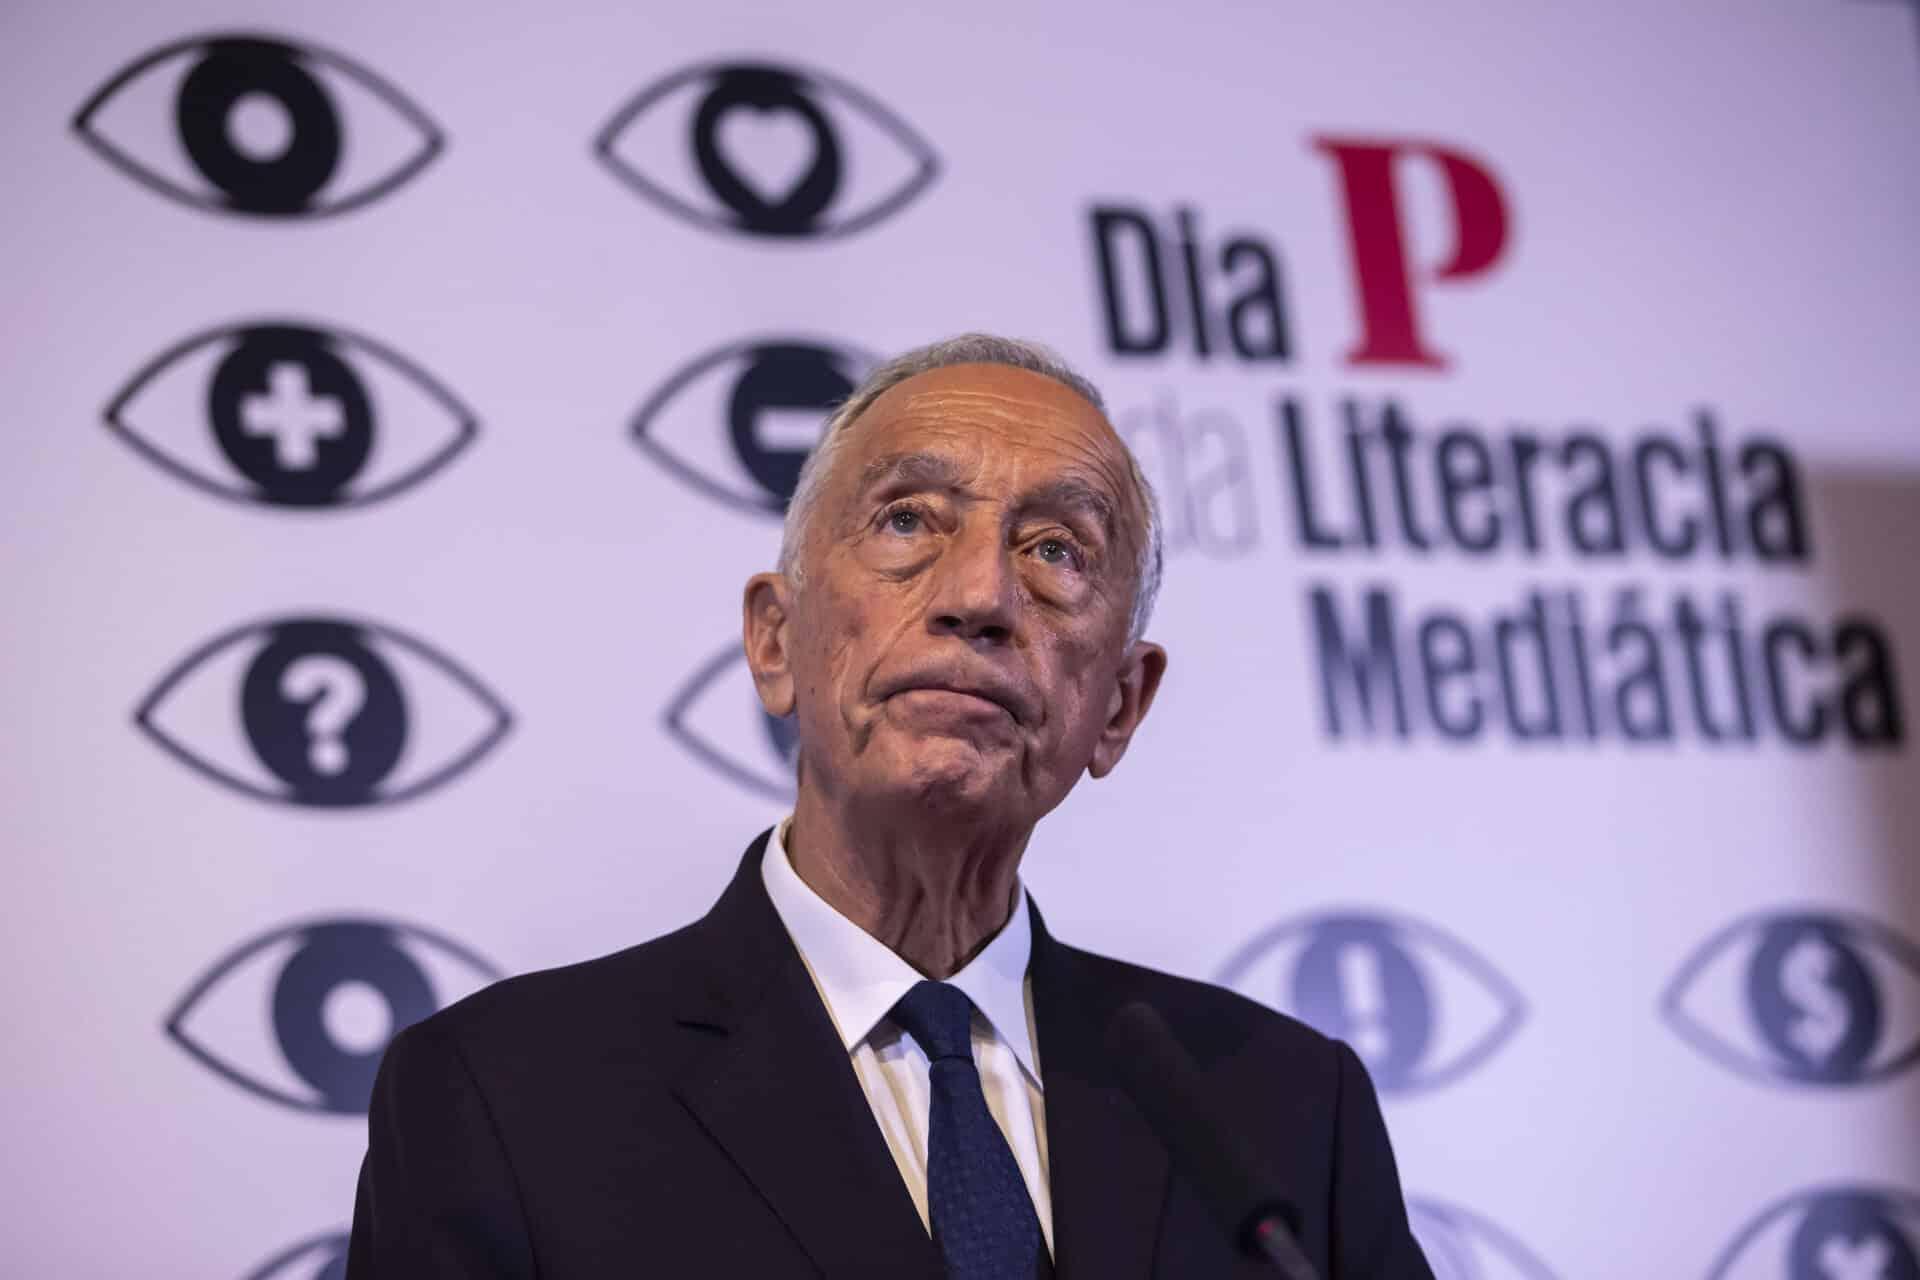 © 2020 LUSA - Agência de Notícias de Portugal, S.A.